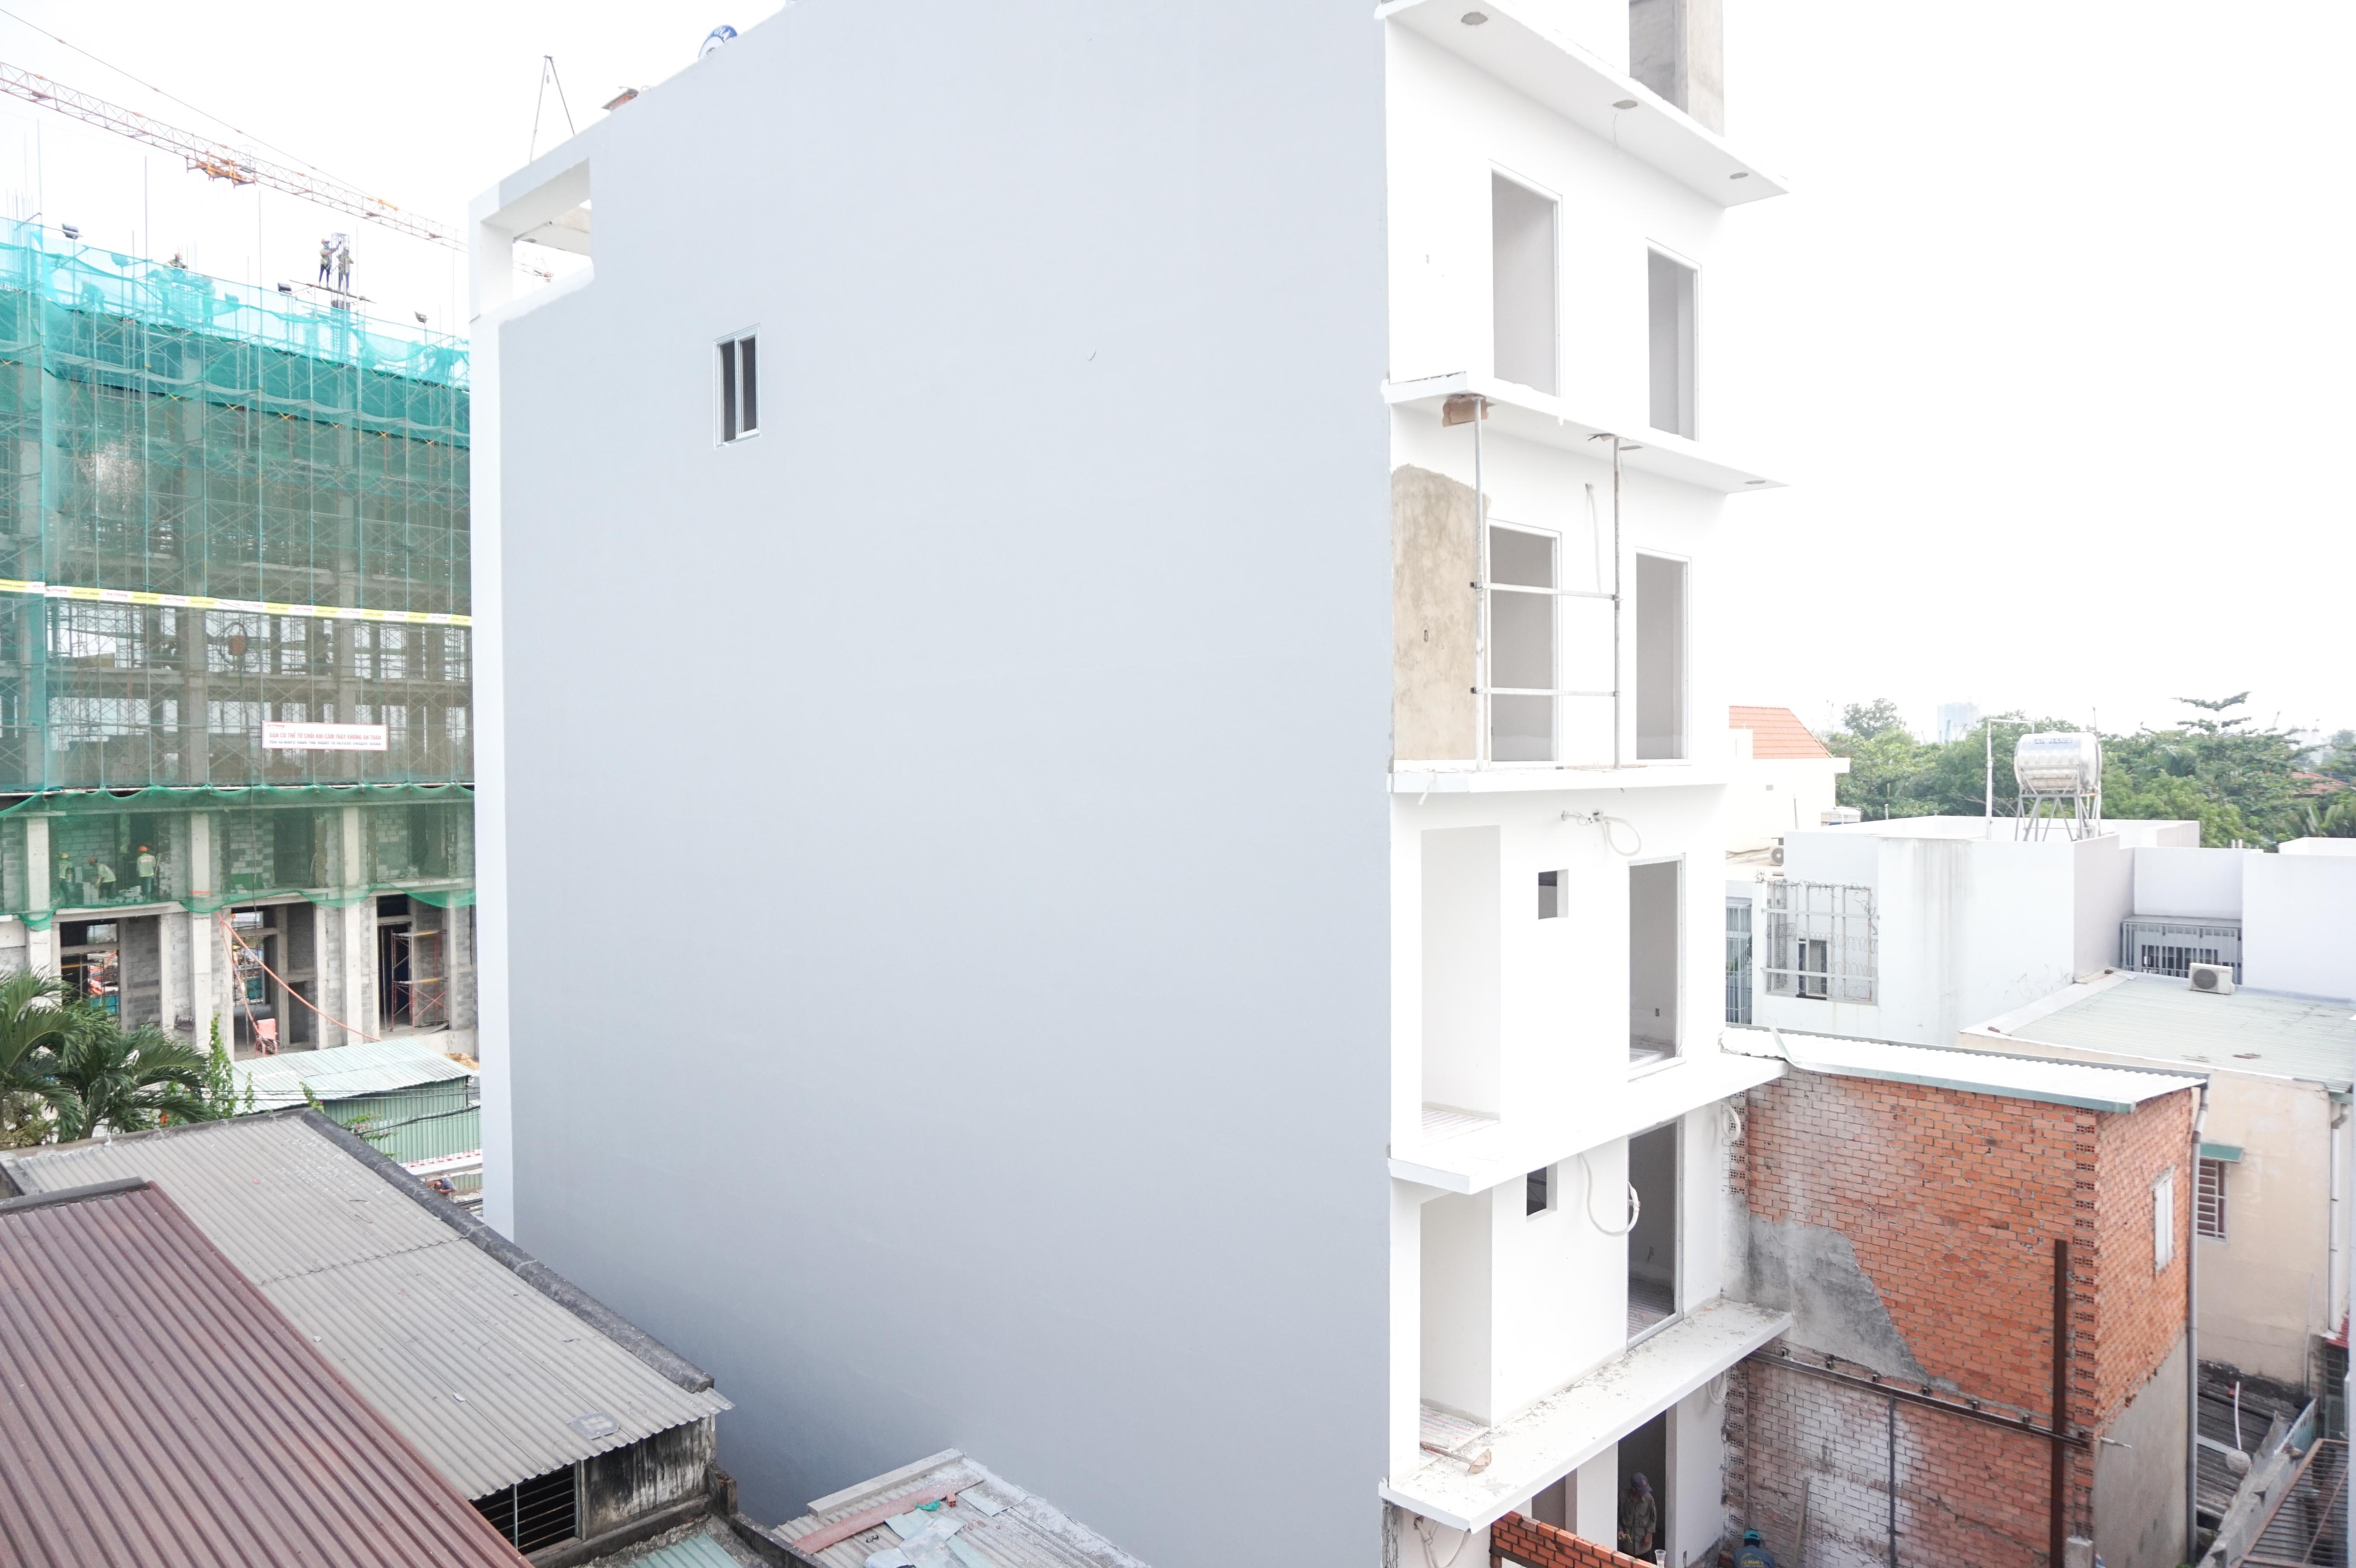 Cho Thuê Duplex 1 PN An Phu Apartment - Đầy Đủ Nội Thất & Ấm Cúng -21